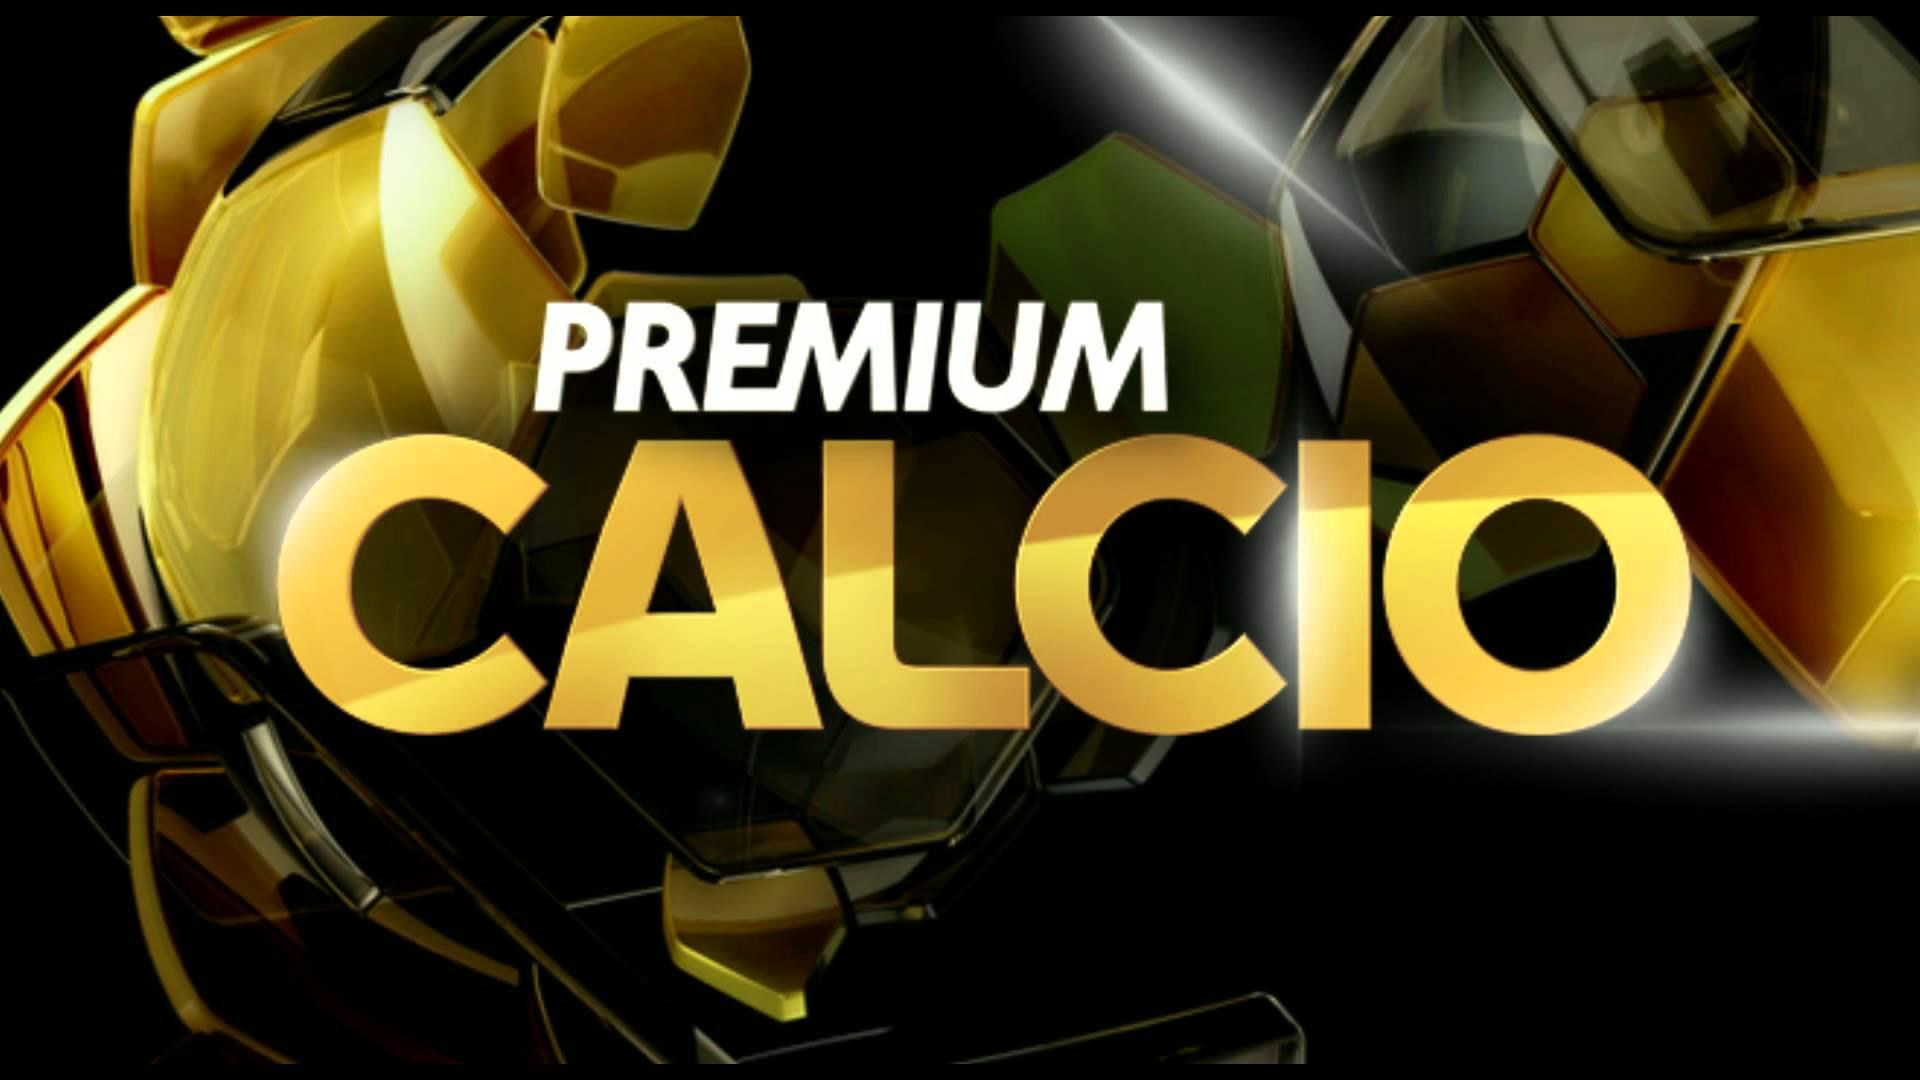 Nuova promo mediaset premium vodafone prezzi e offerte for Premium play su smart tv calcio live